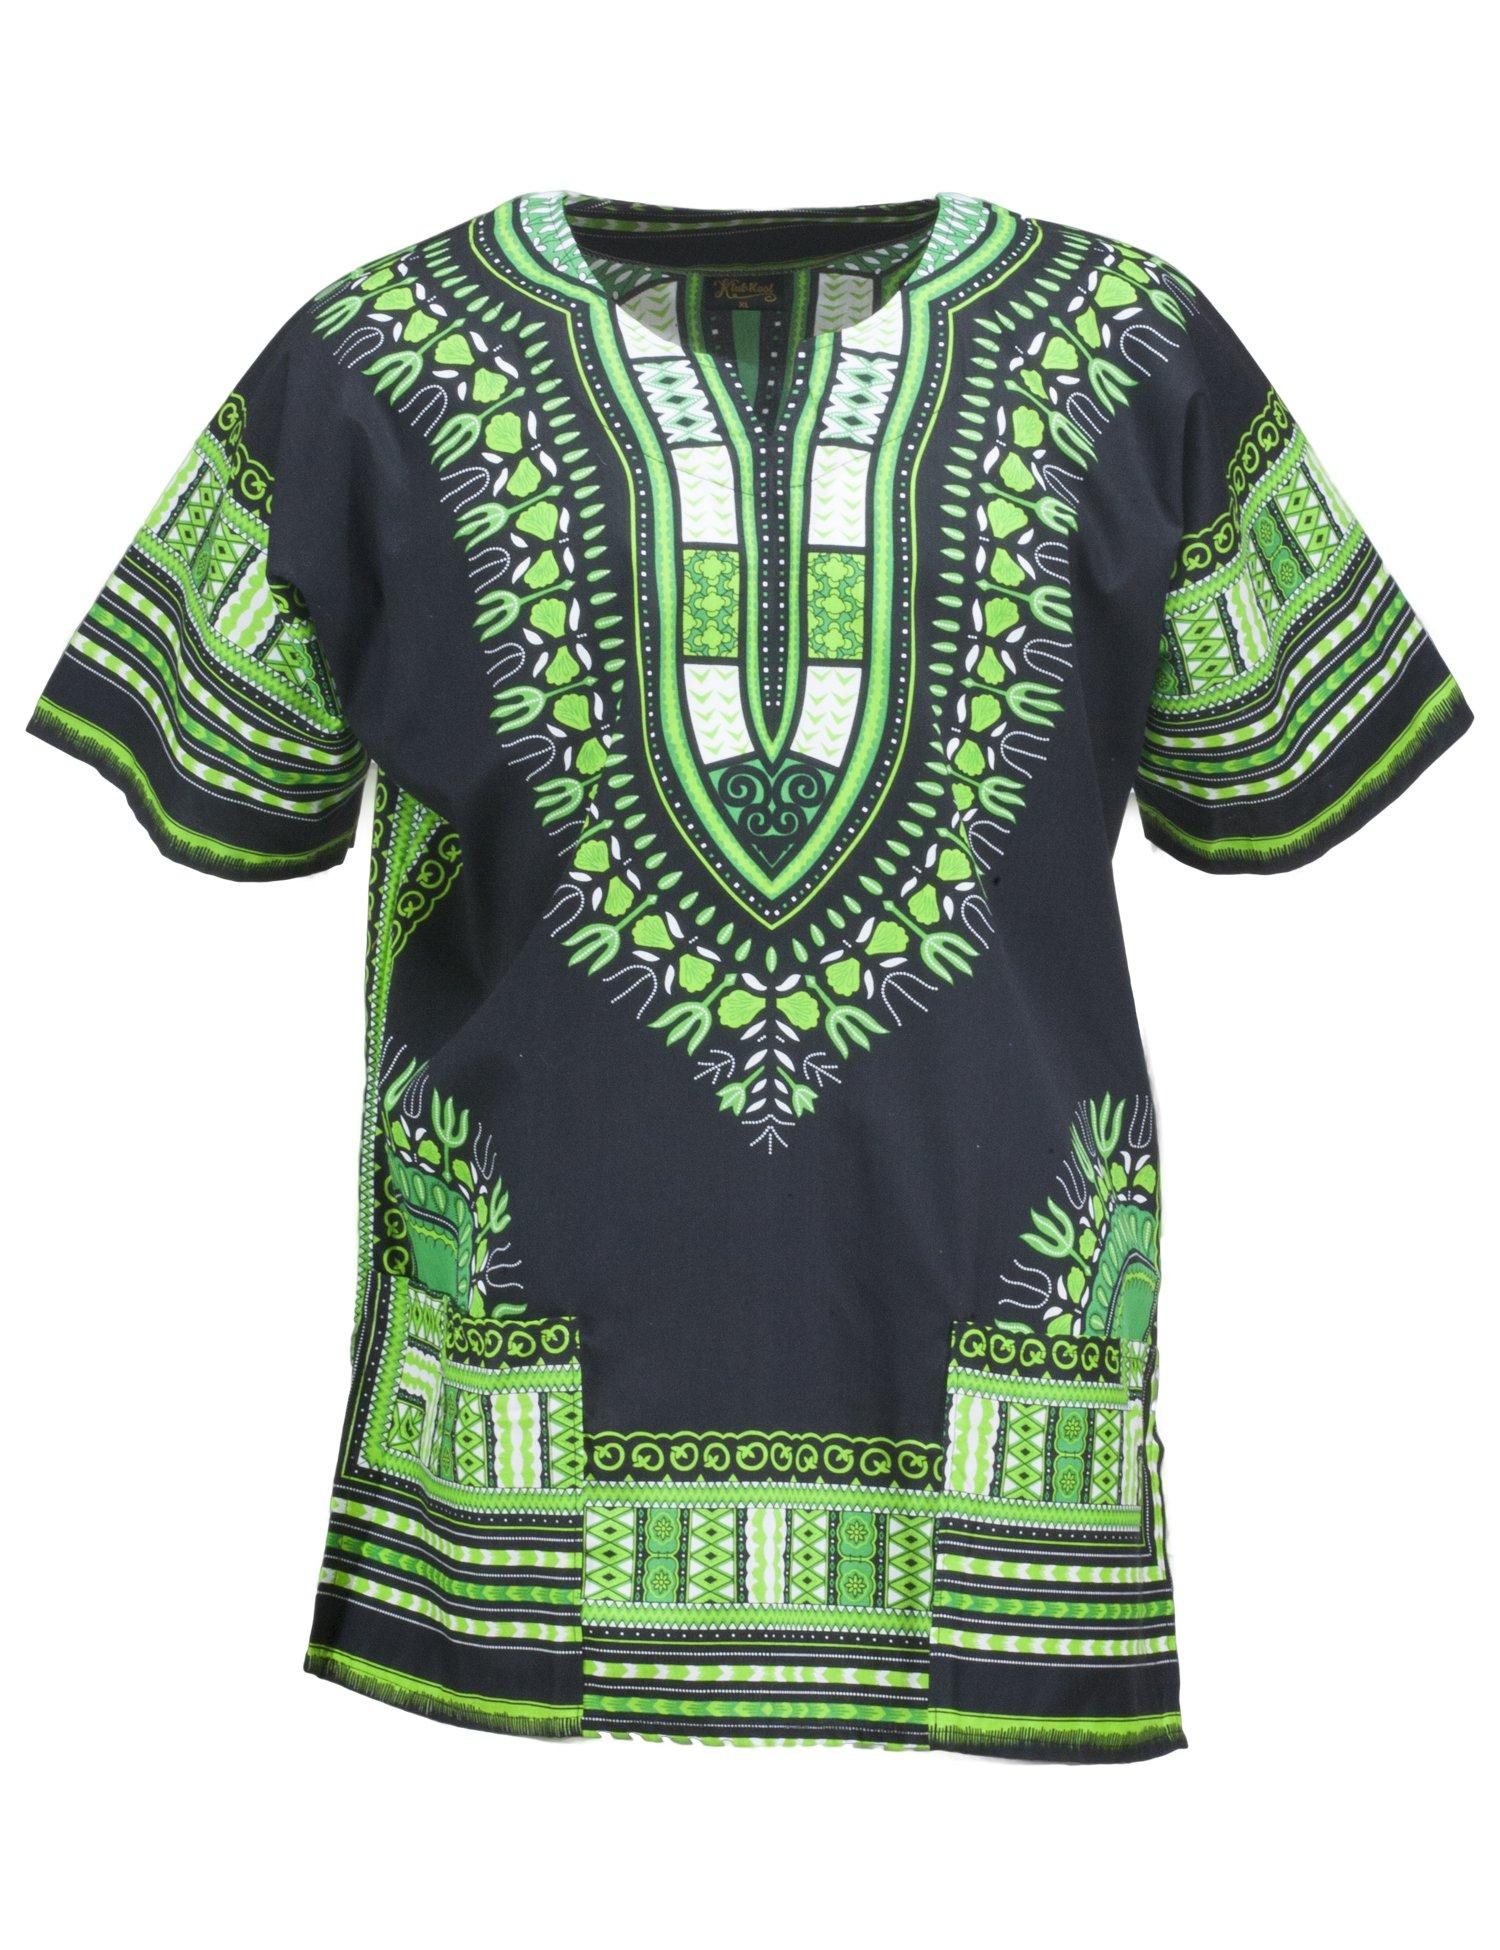 KlubKool Dashiki Shirt Tribal African Caftan Boho Unisex Top Shirt (Black/Green,Large)